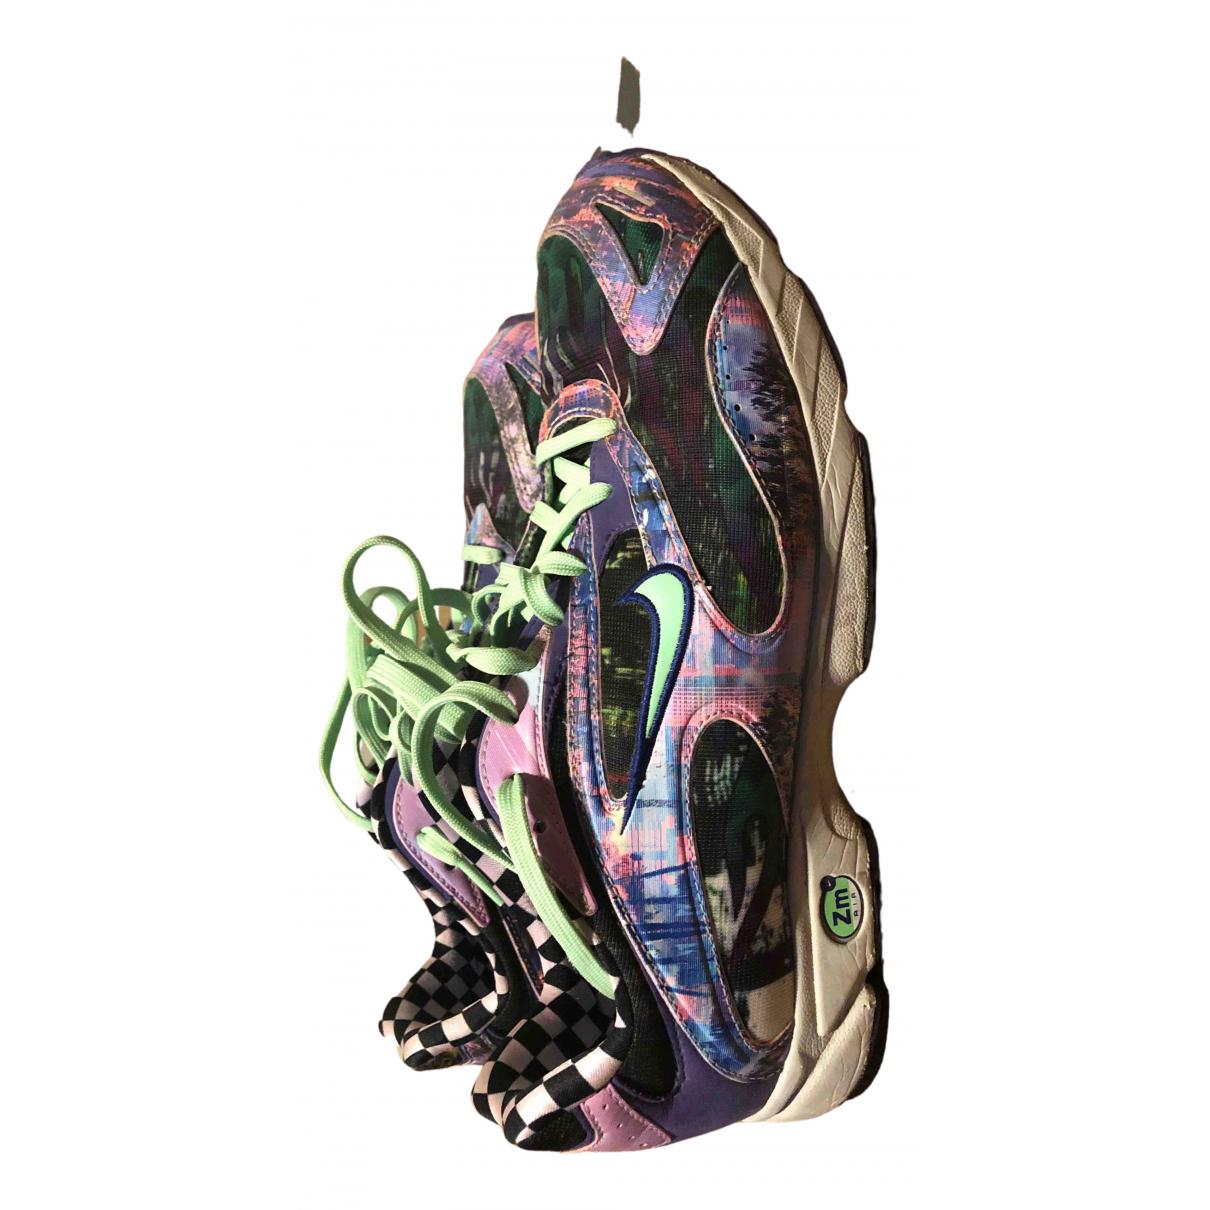 Nike - Baskets   pour homme - multicolore